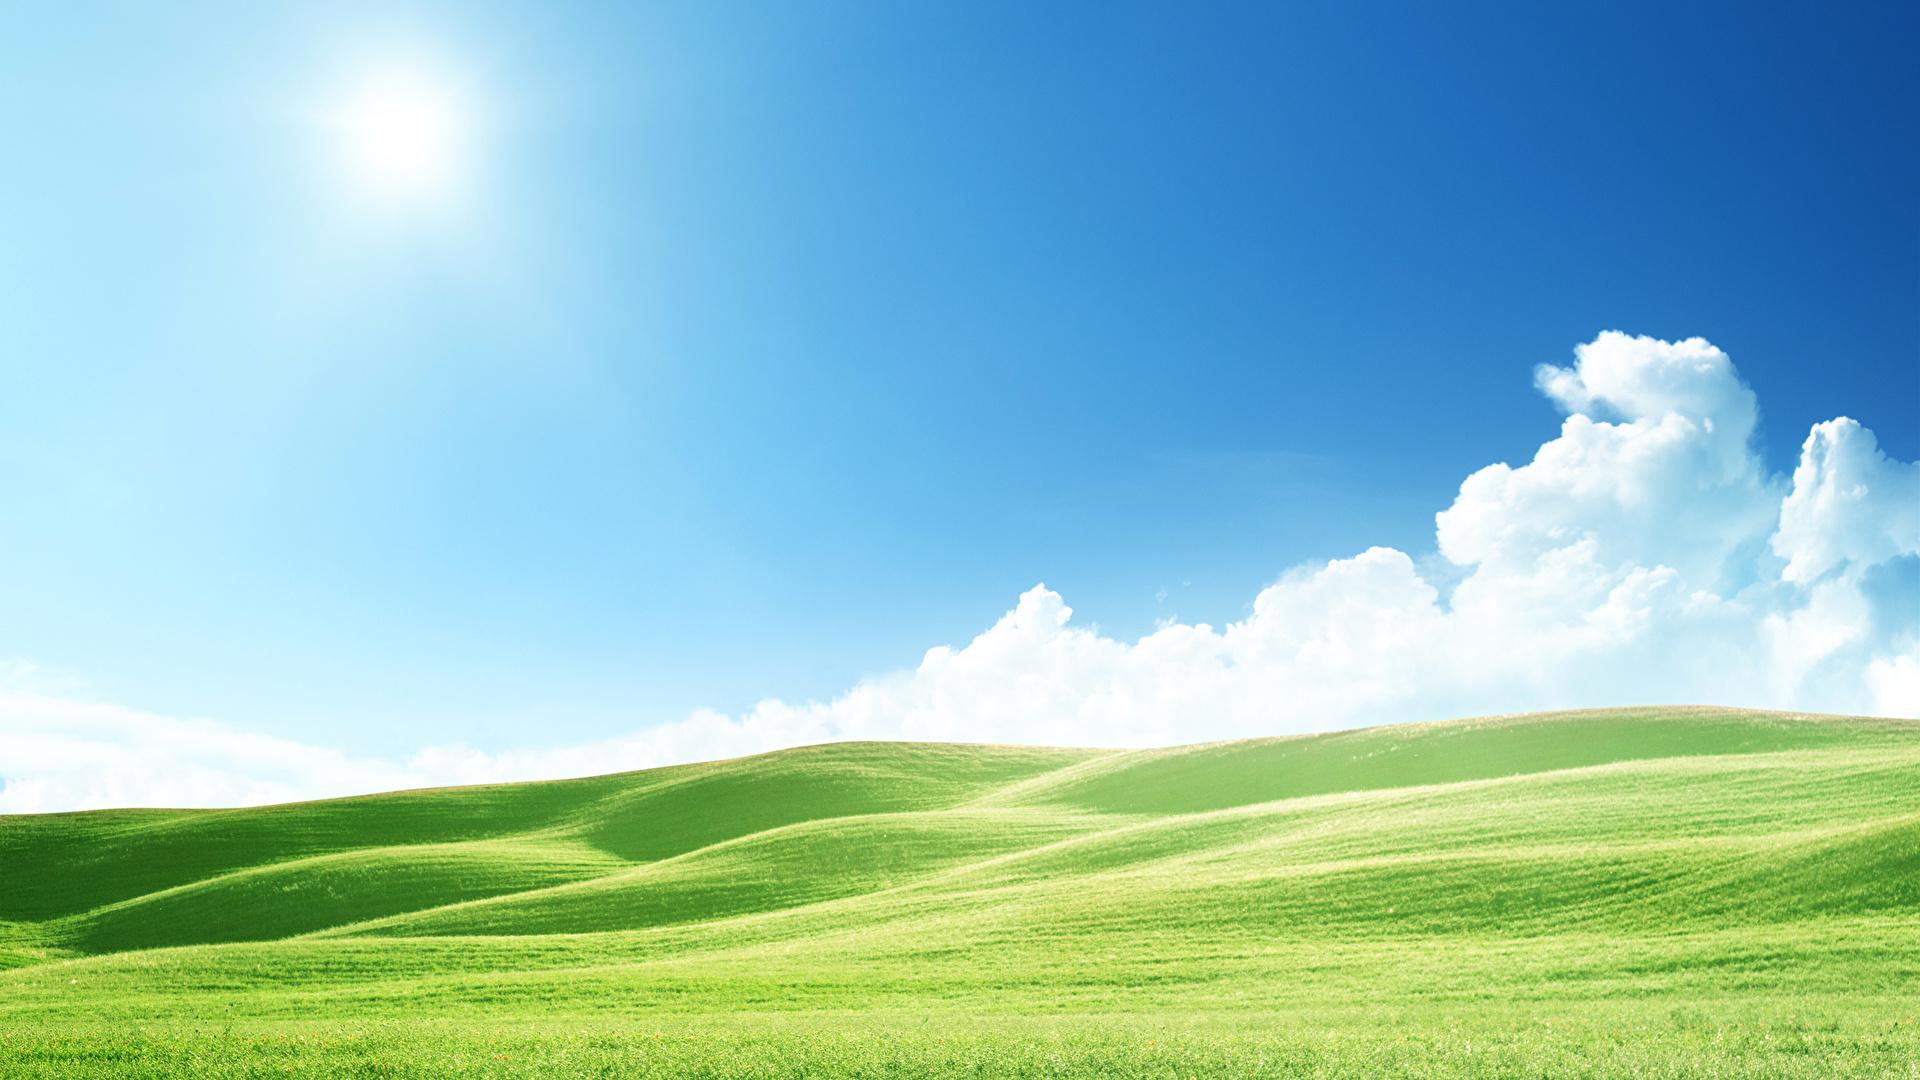 壁紙 19x1080 風景写真 空 草原 丘 自然 ダウンロード 写真